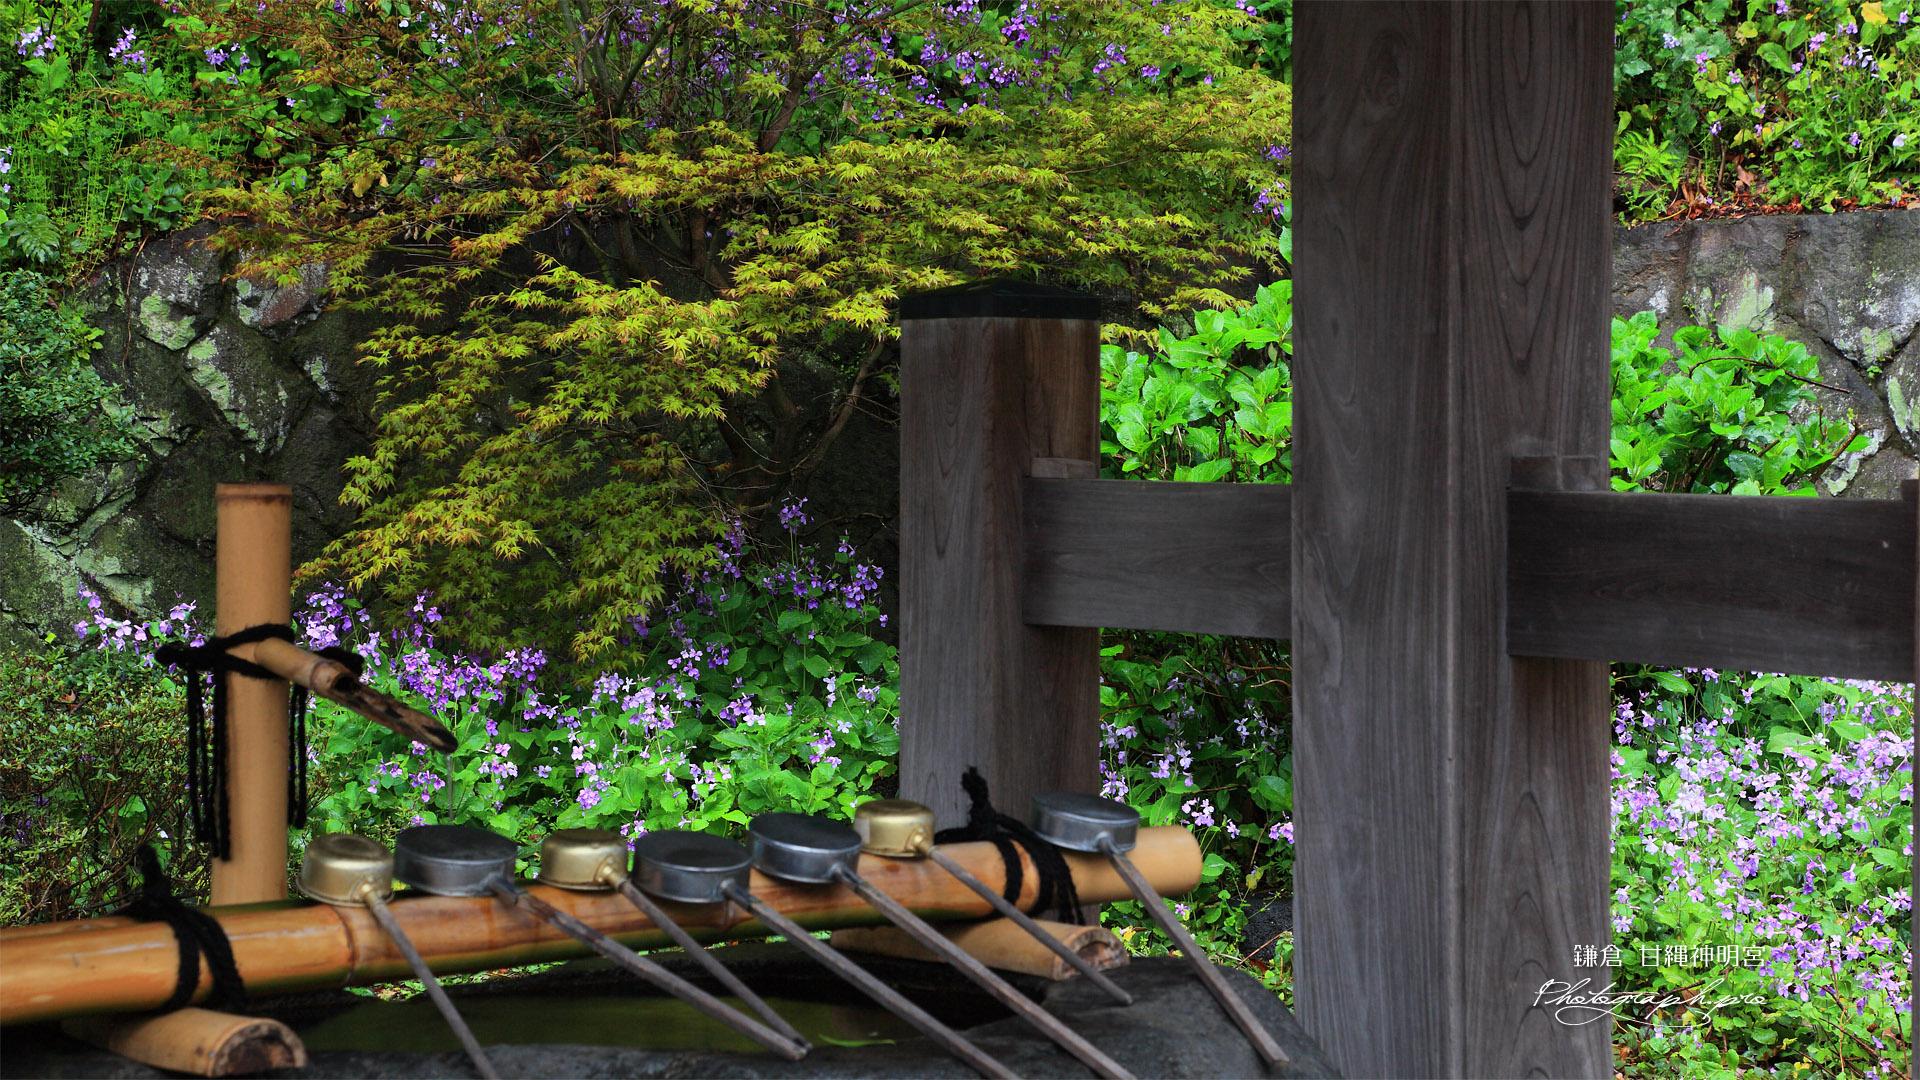 鎌倉甘縄神明神社 手水舎とハナダイコン